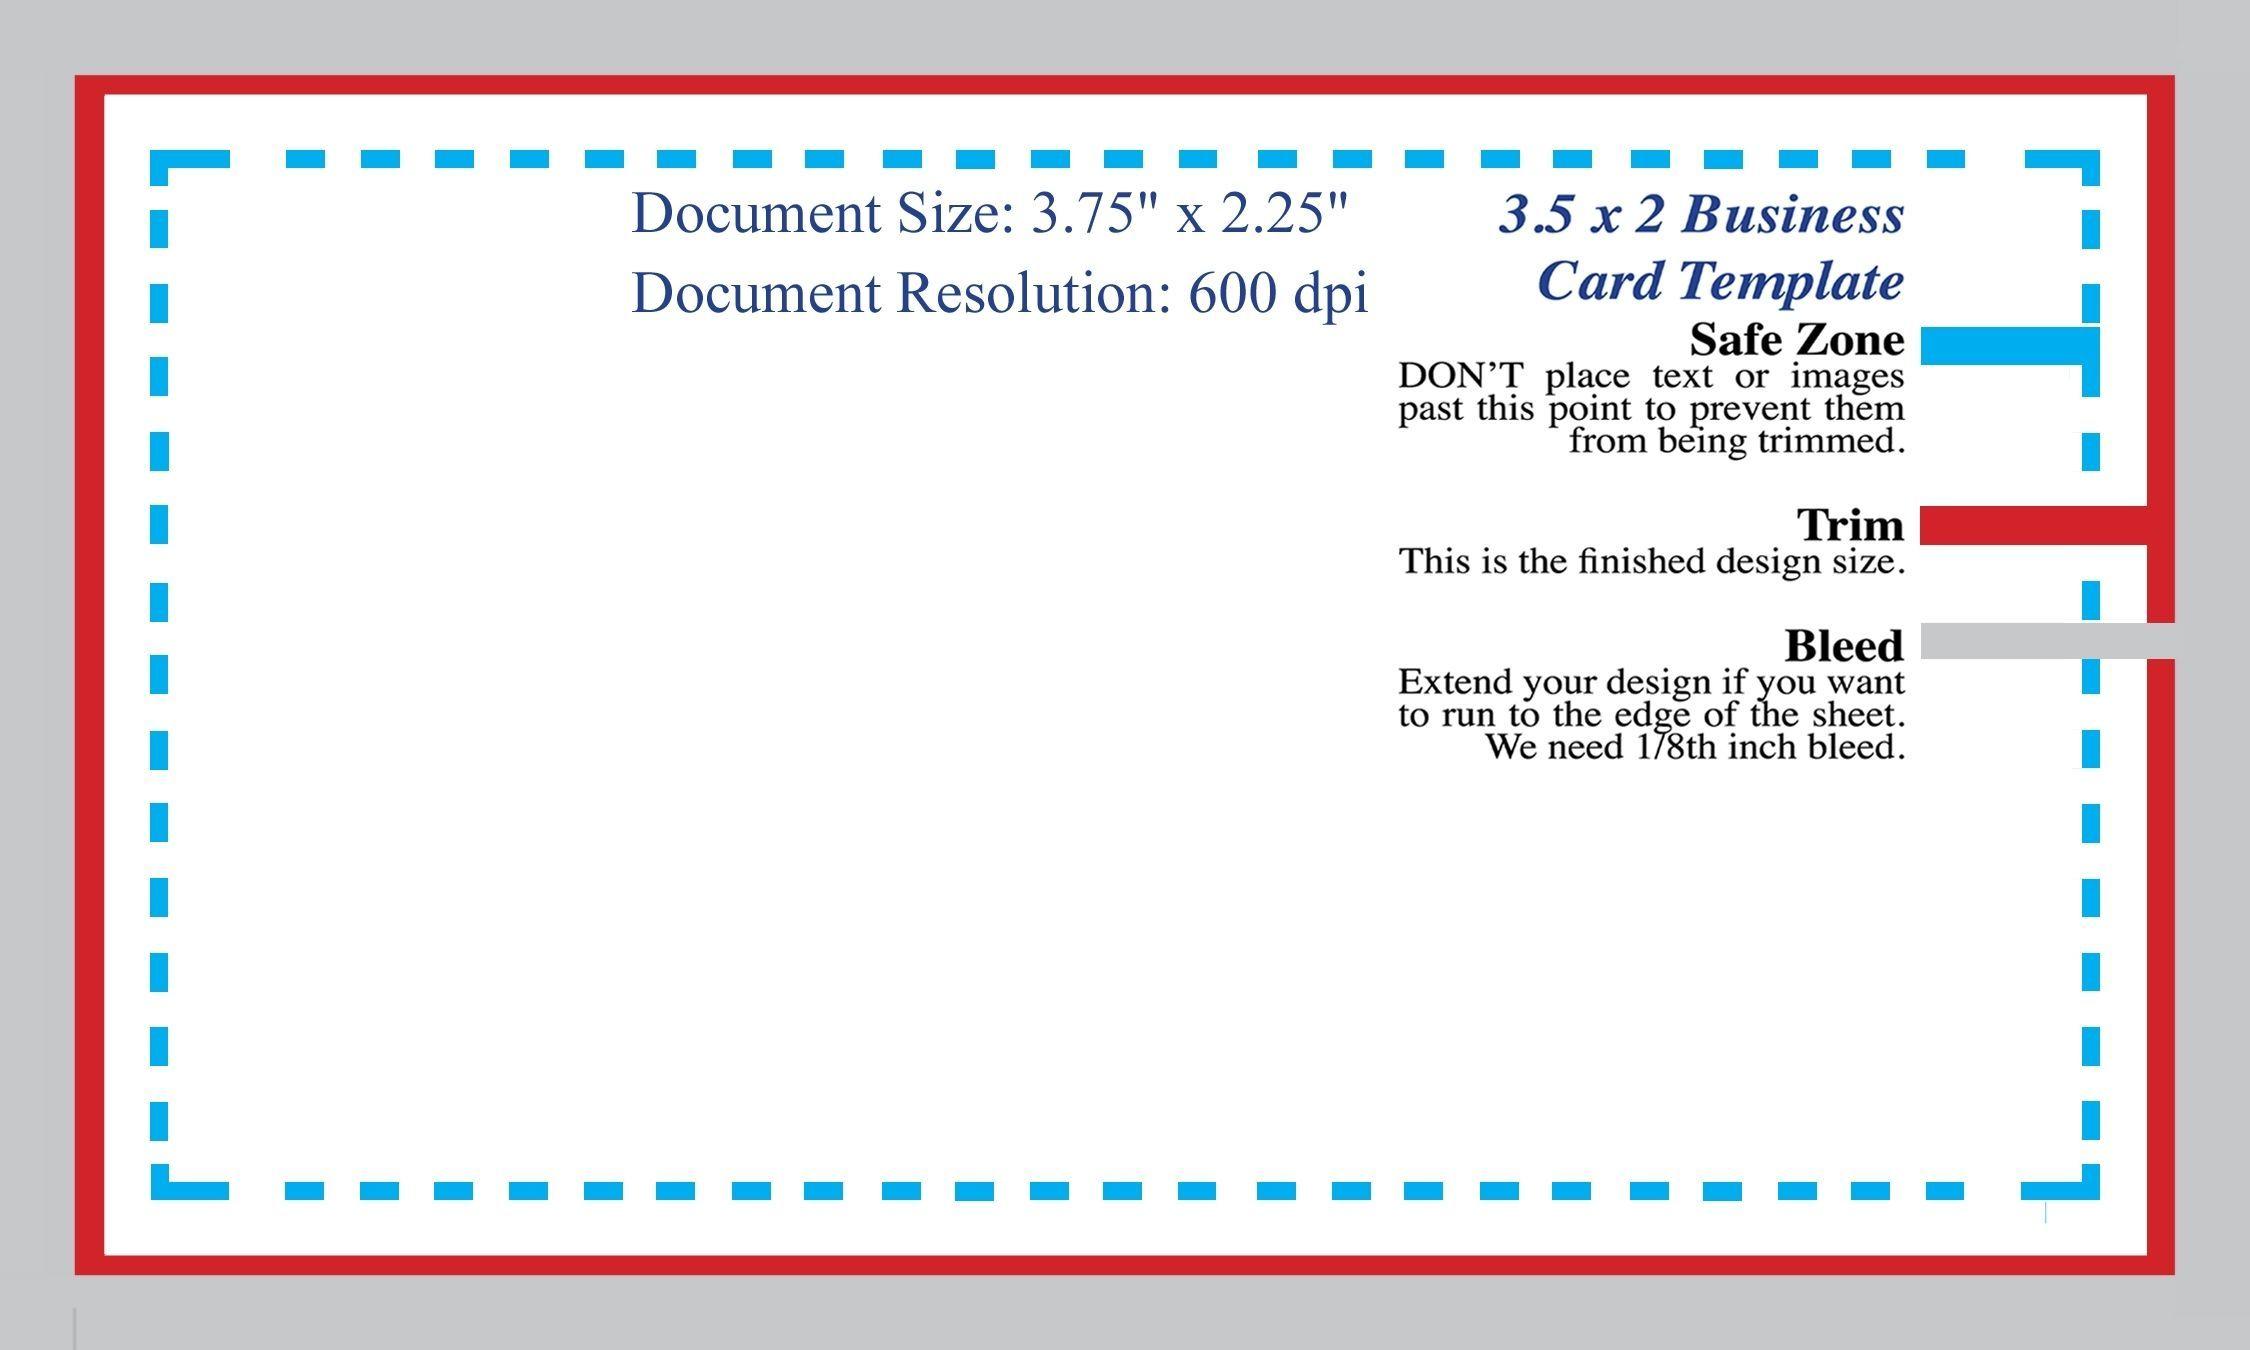 Standard Business Card Blank Template Photoshop Template Regarding Blank Business Card Template Psd